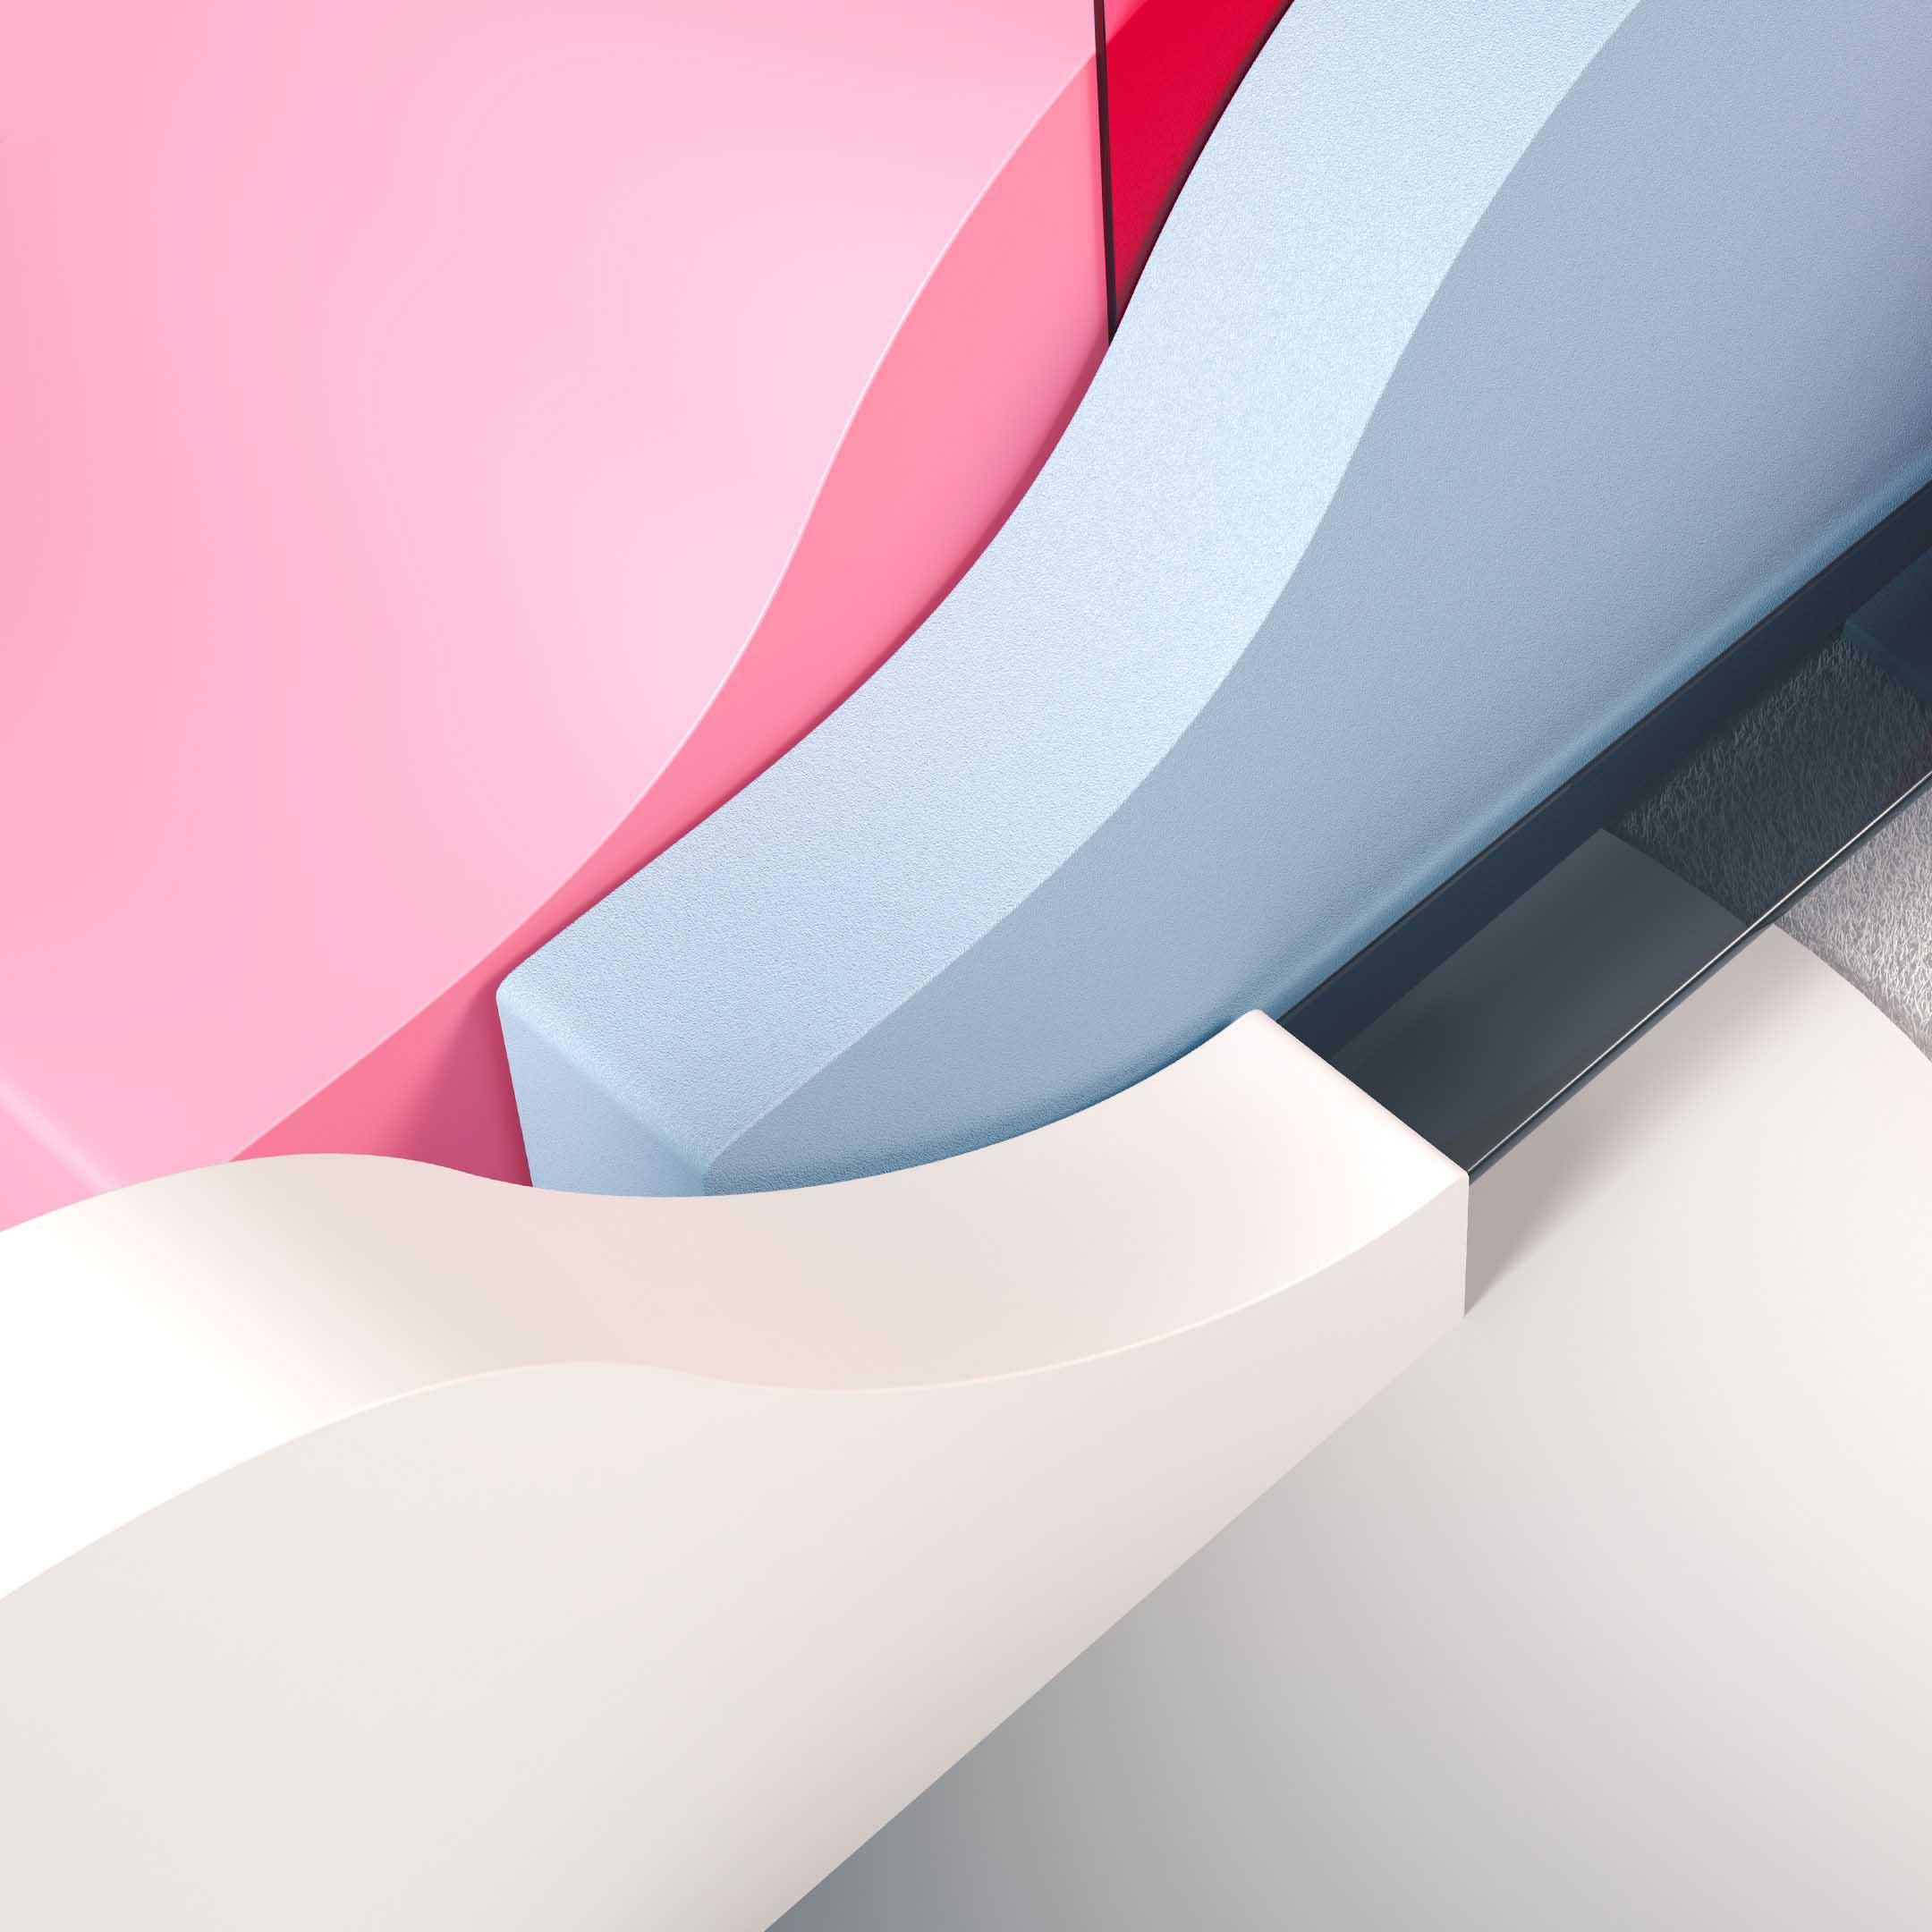 Huawei Enjoy 9e Wallpapers: Download Huawei Enjoy 7S Stock Wallpapers